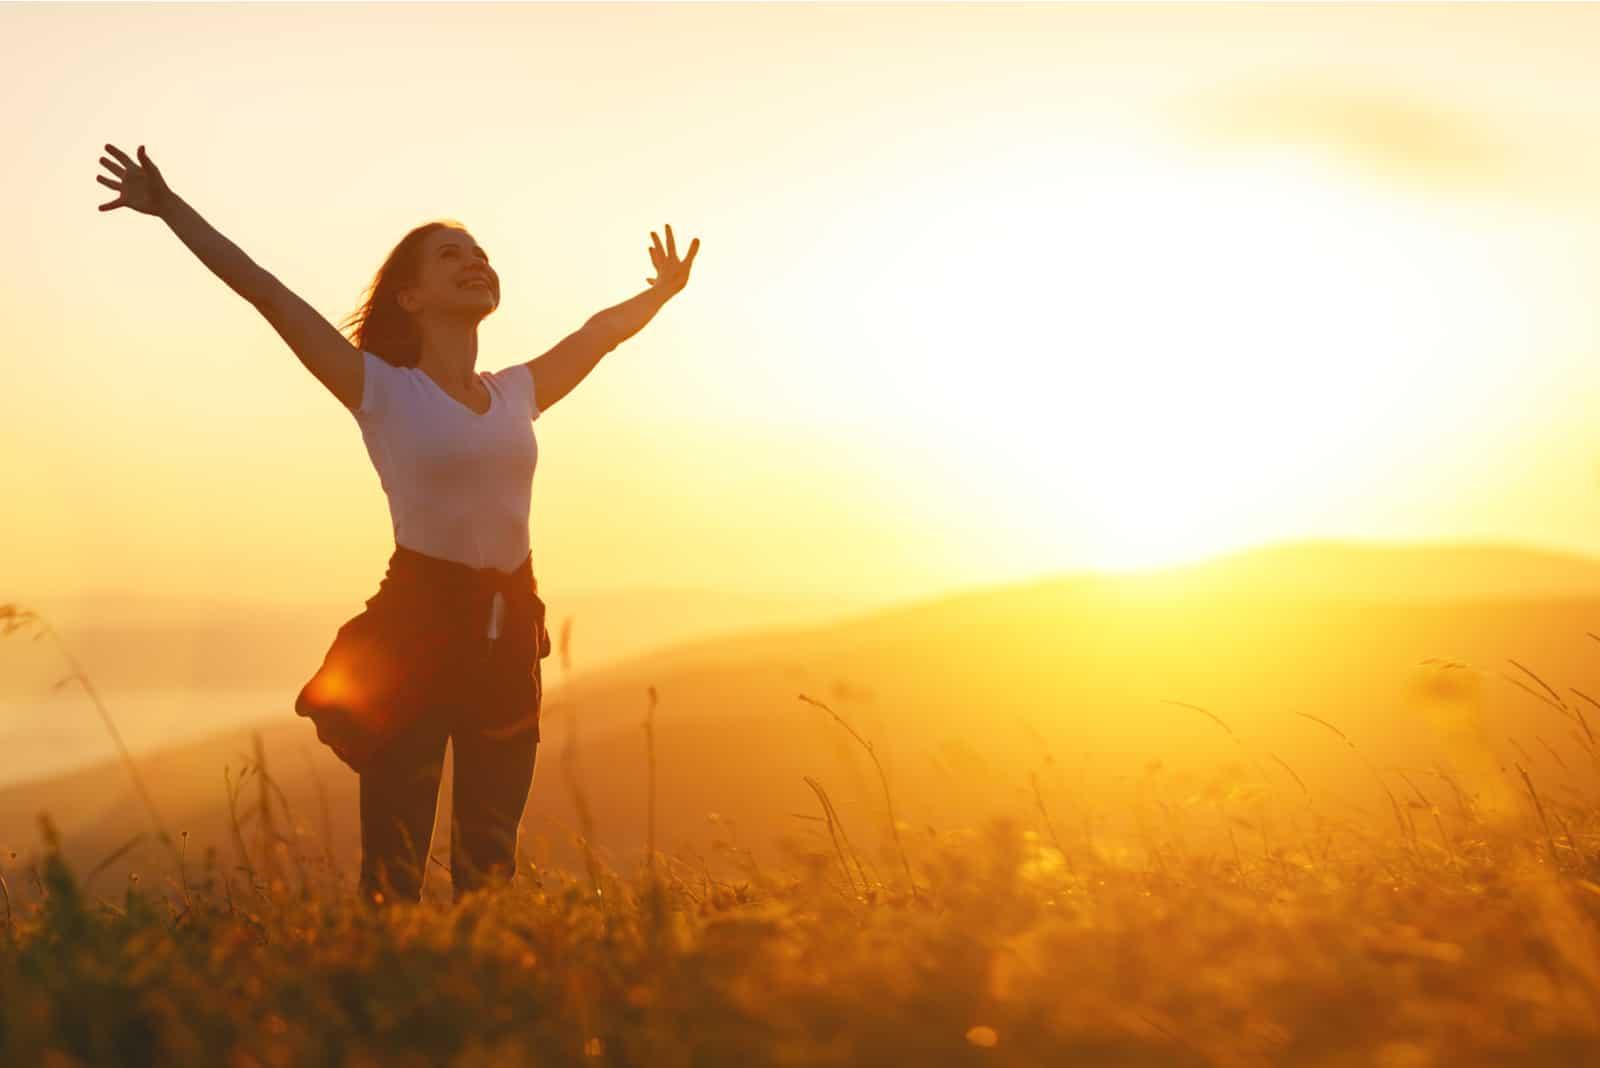 la femme se tient les bras tendus dans le champ